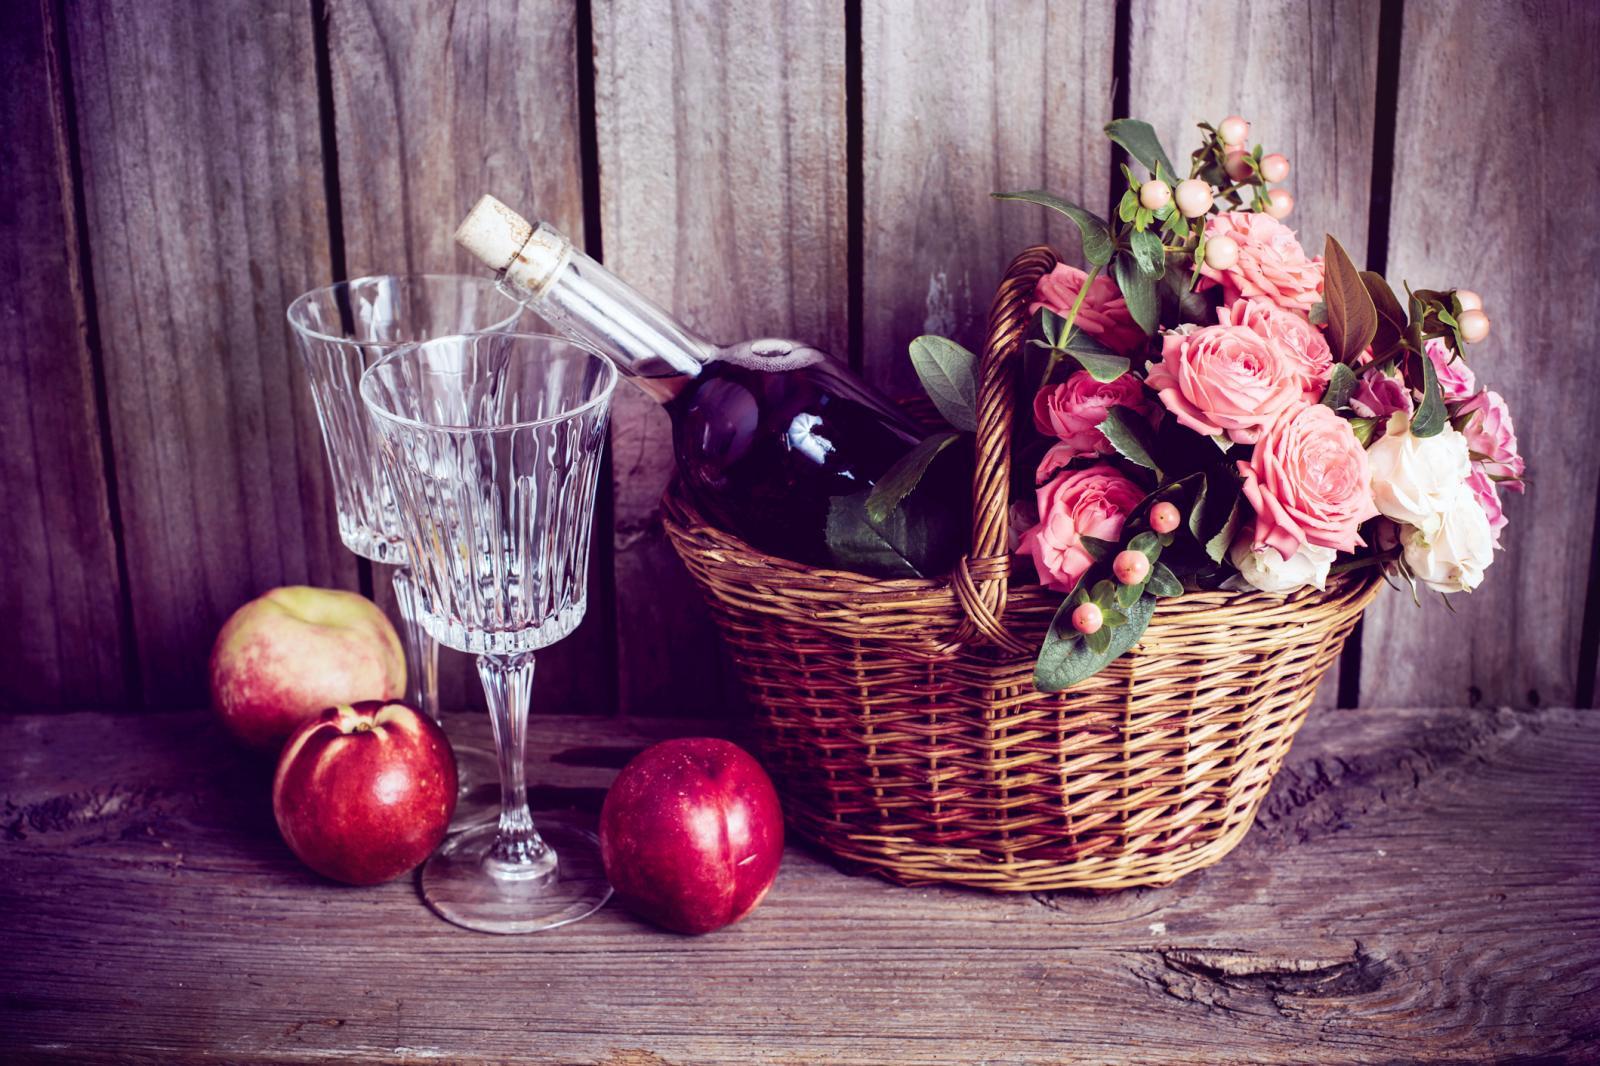 cesta de mimbre y una botella de vino rosado con dos copas y nectarinas